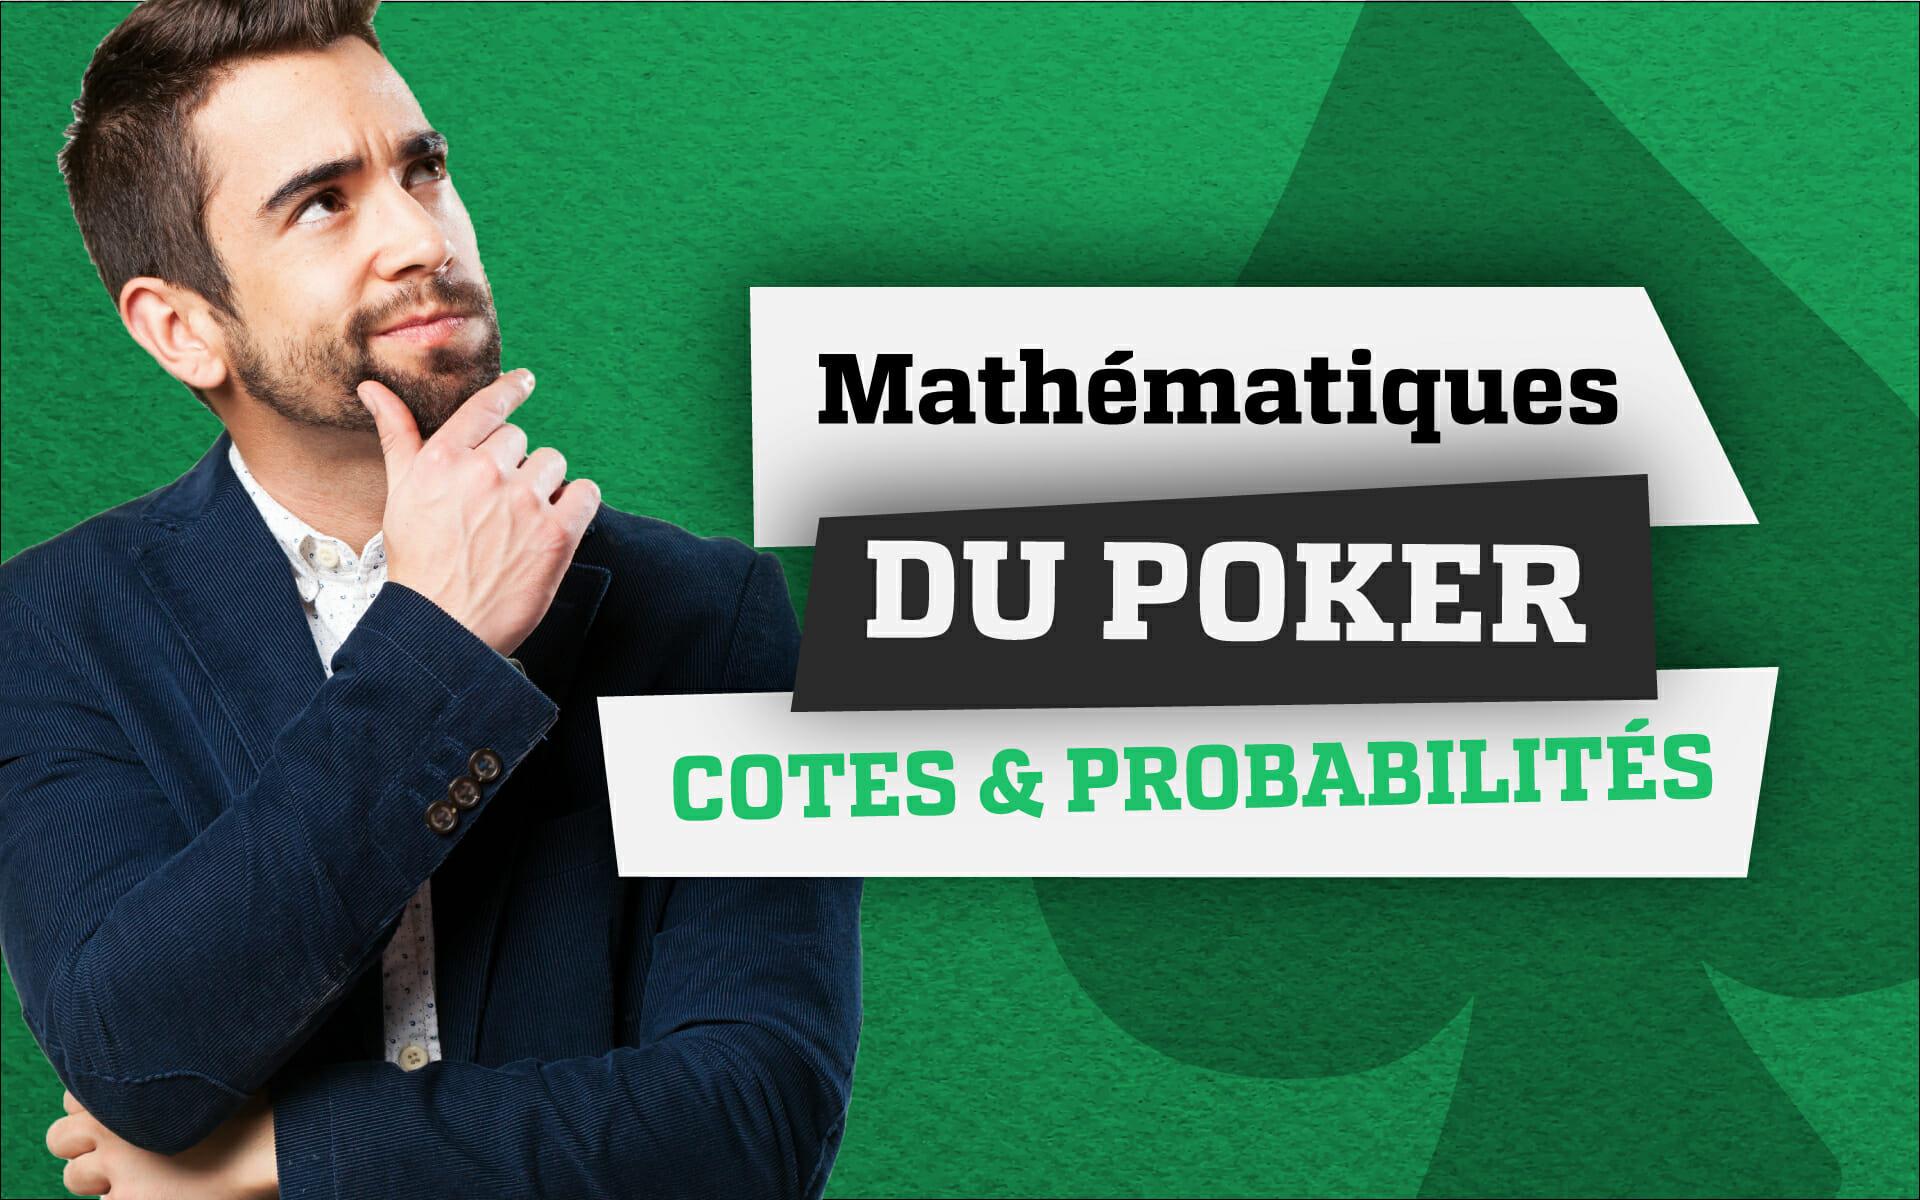 mathématiques du poker cotes probabilités